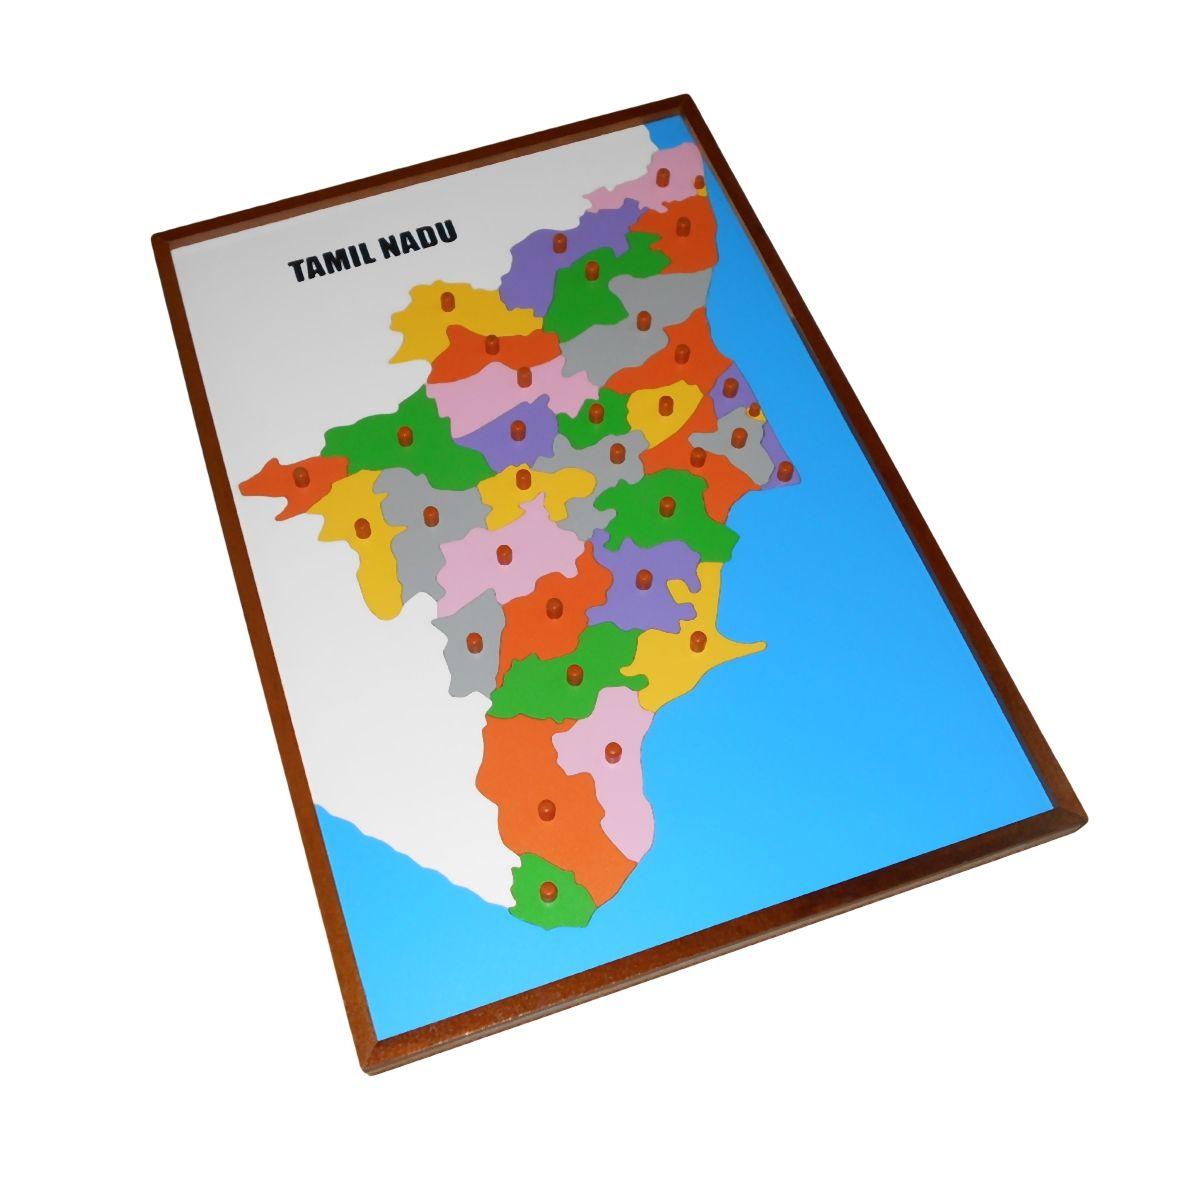 Map puzzle tamil nadu premium montessori materials and montessori map puzzle tamil nadu premium montessori materials and montessori furniture india gumiabroncs Choice Image